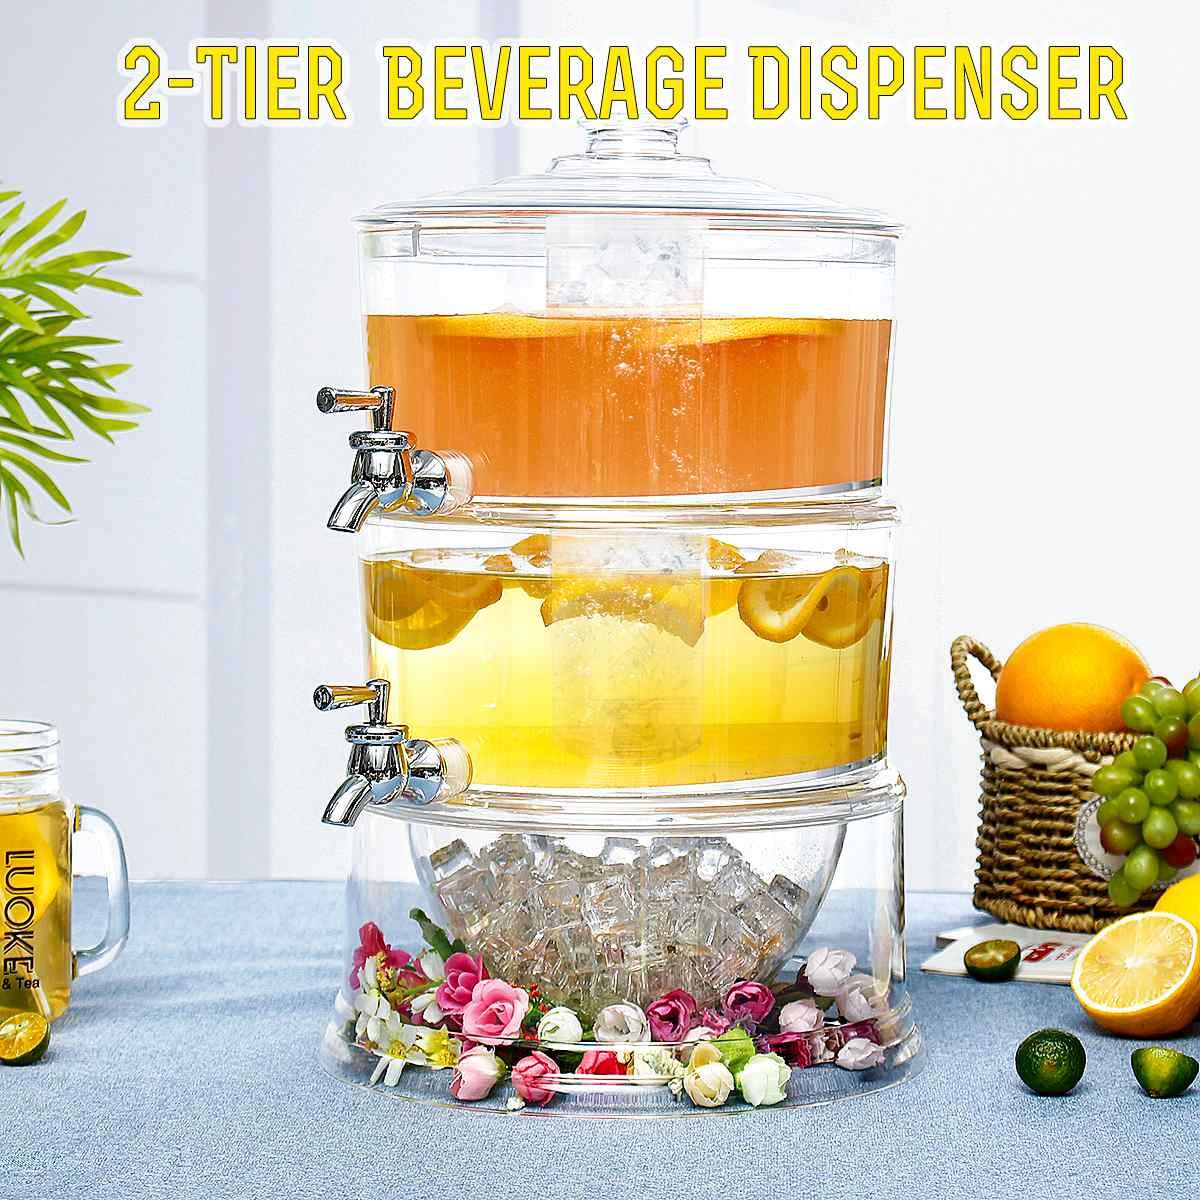 Дозатор для питьевого сока с отдельным резервуаром для воды 2 слоя 2 краны диспенсер для напитков для холодного сока держатель охладителя ...